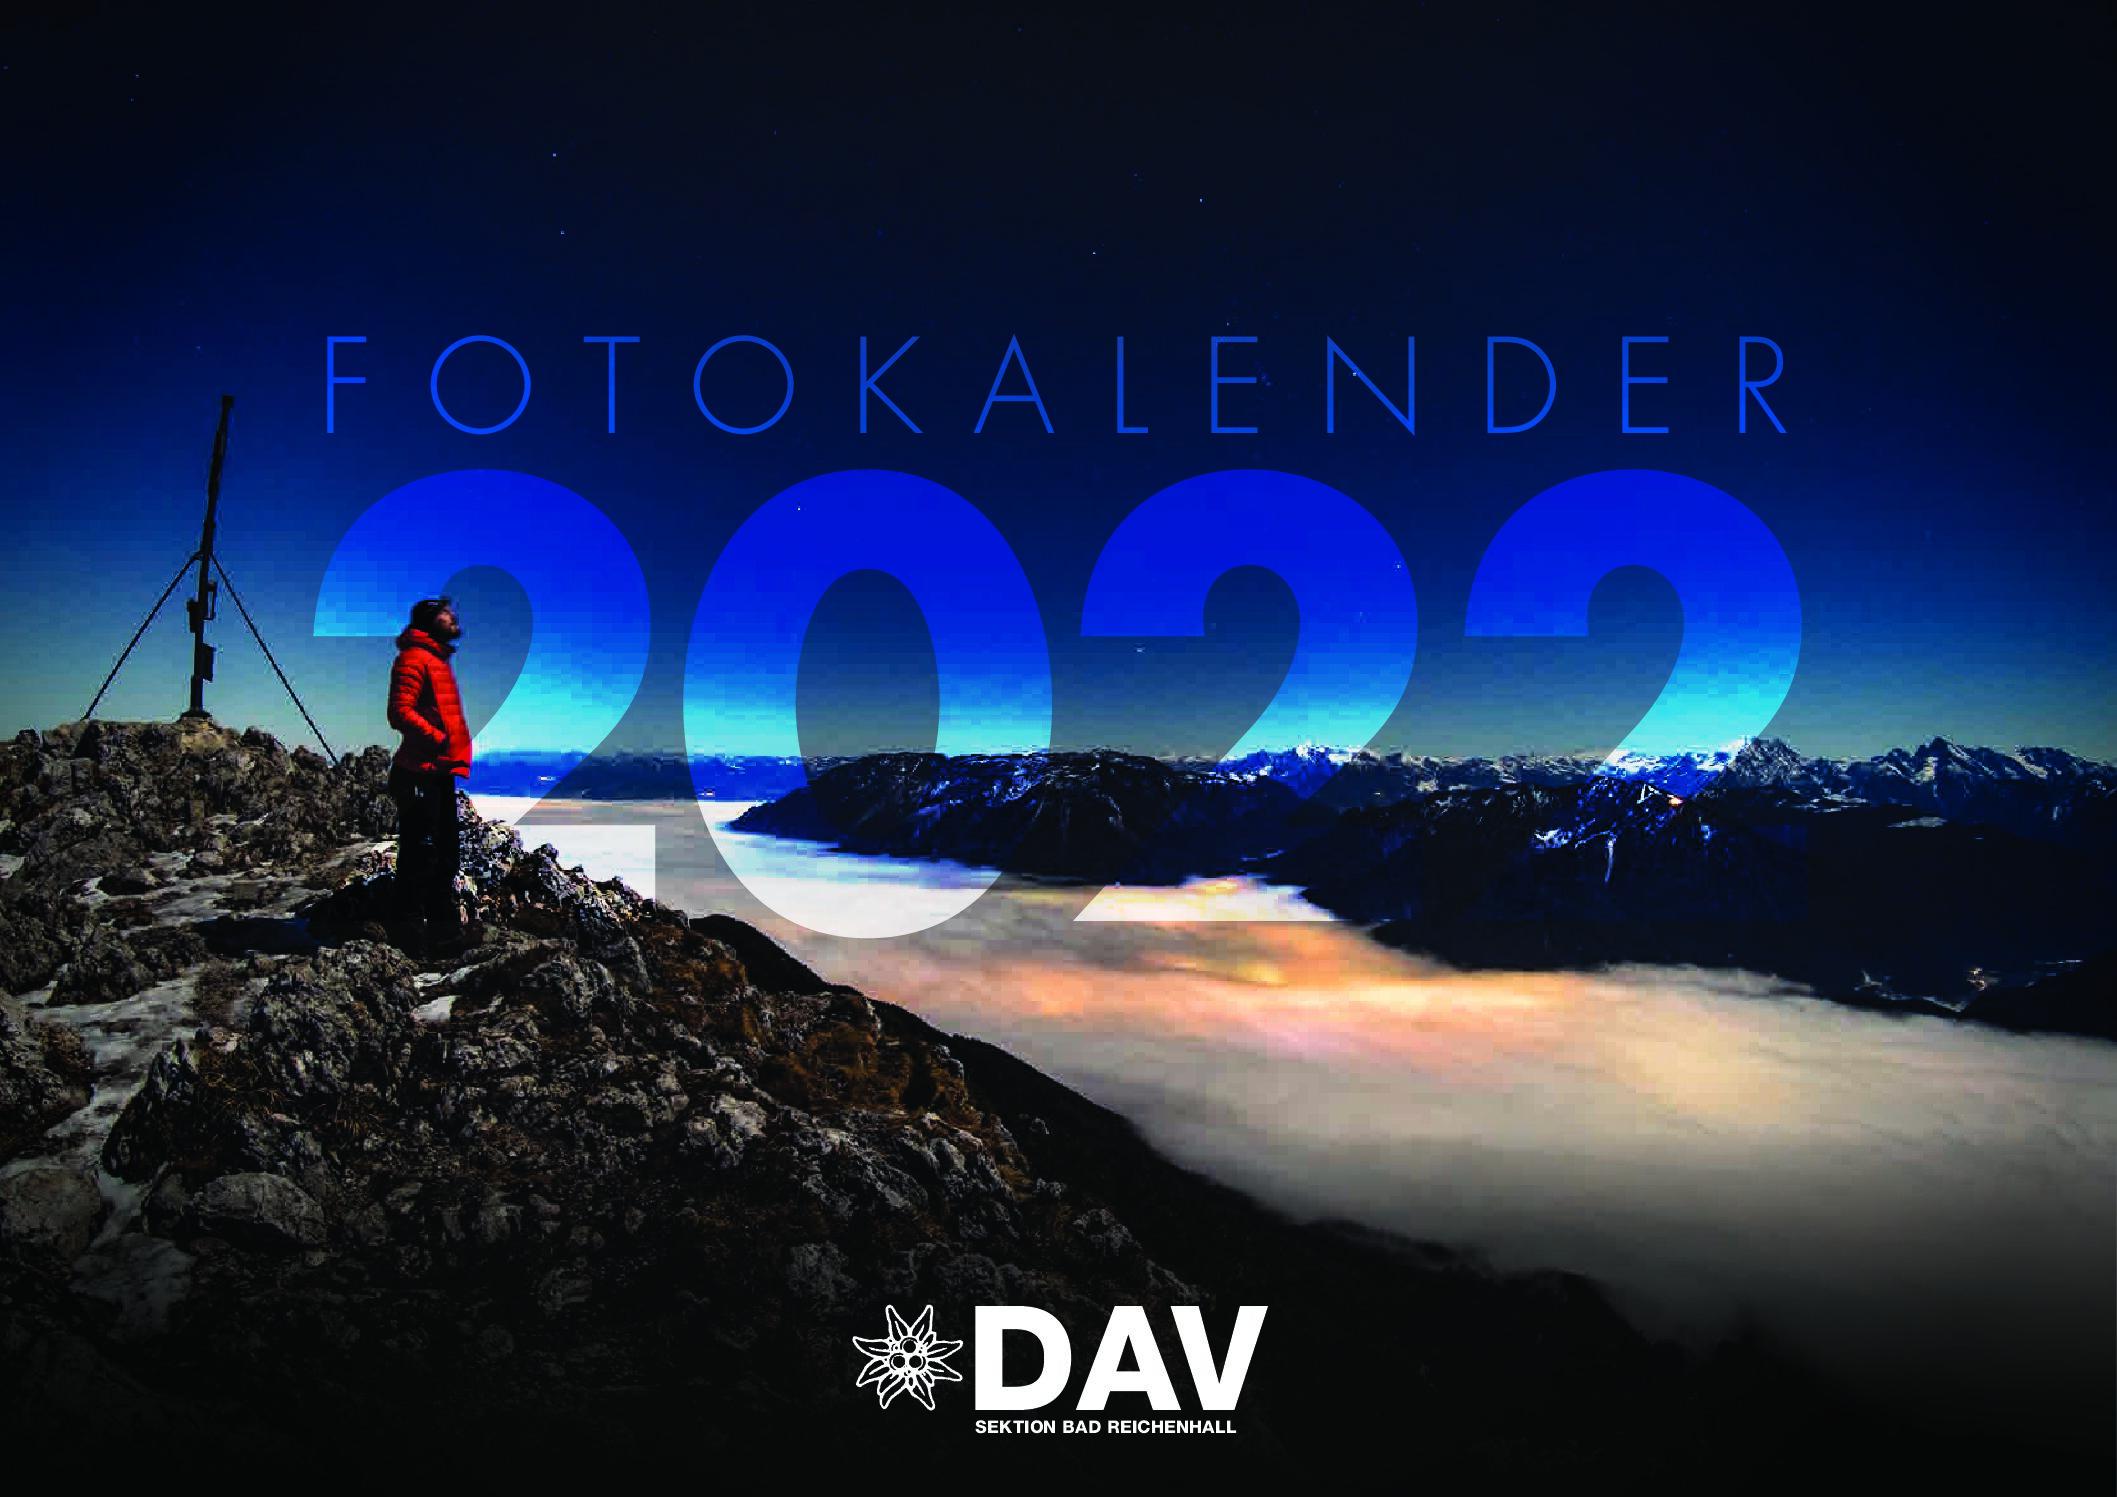 Kalender 2022 der DAV-Sektion Bad Reichenhall